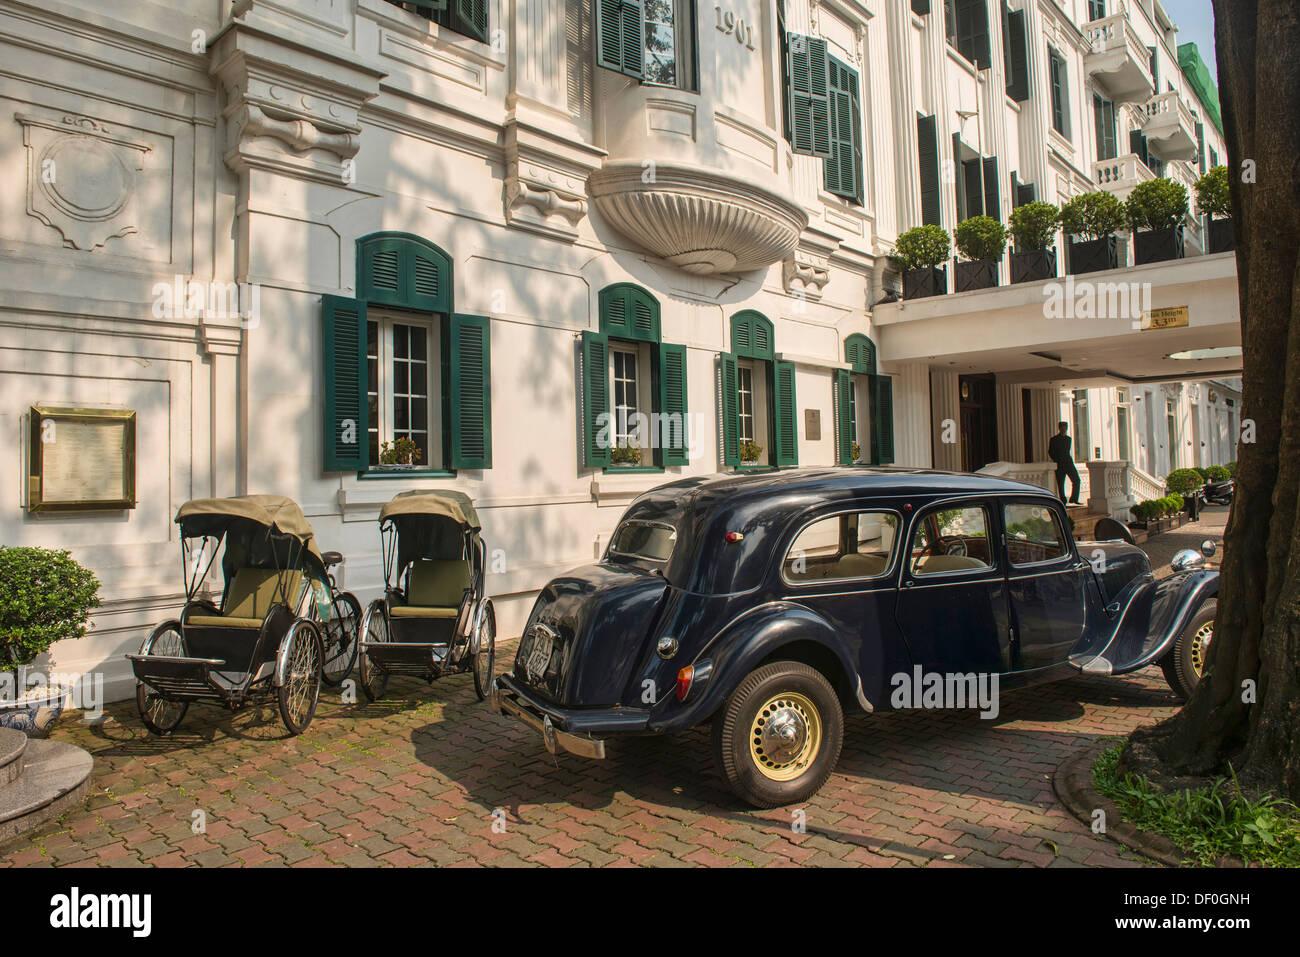 CYCLOS und Vintage Auto vor dem historischen Metropole Hotel in Hanoi, Vietnam Stockbild